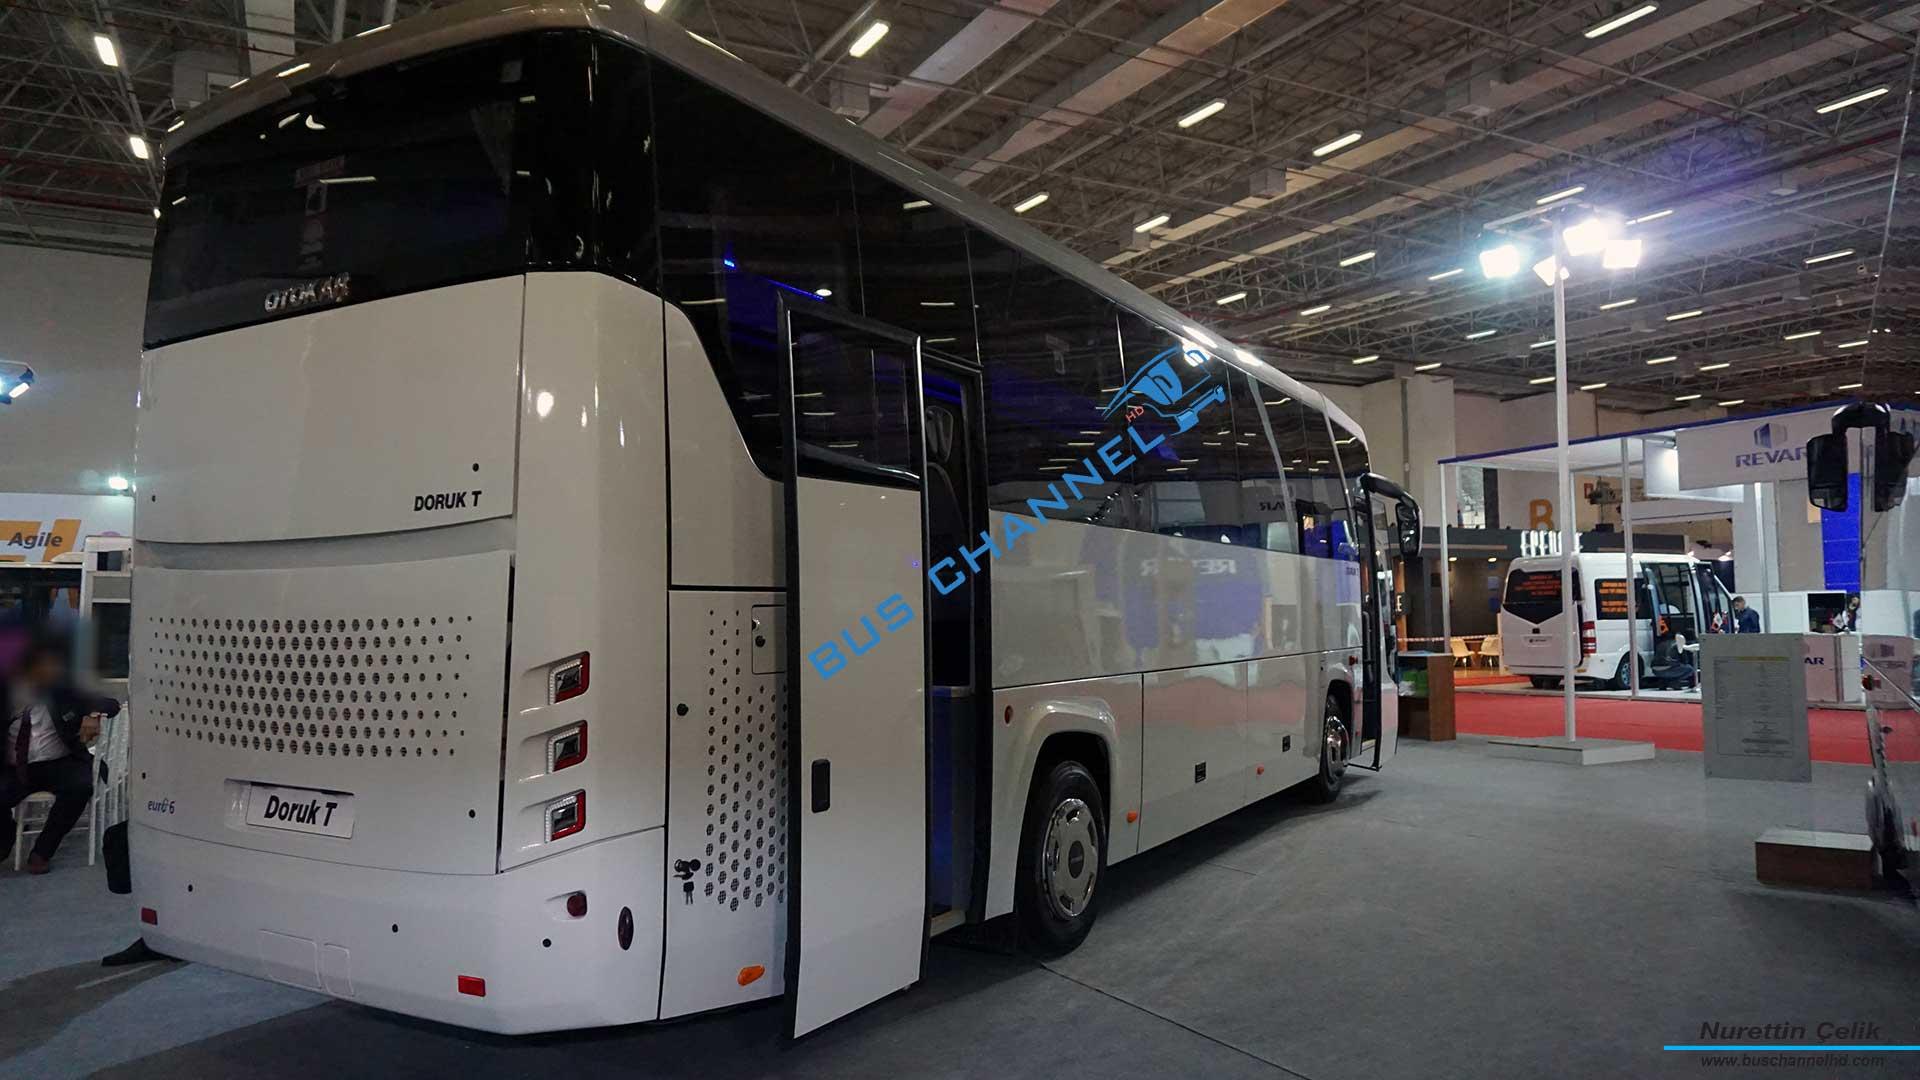 Otokar Yeni Doruk T Busword İzmir 2018